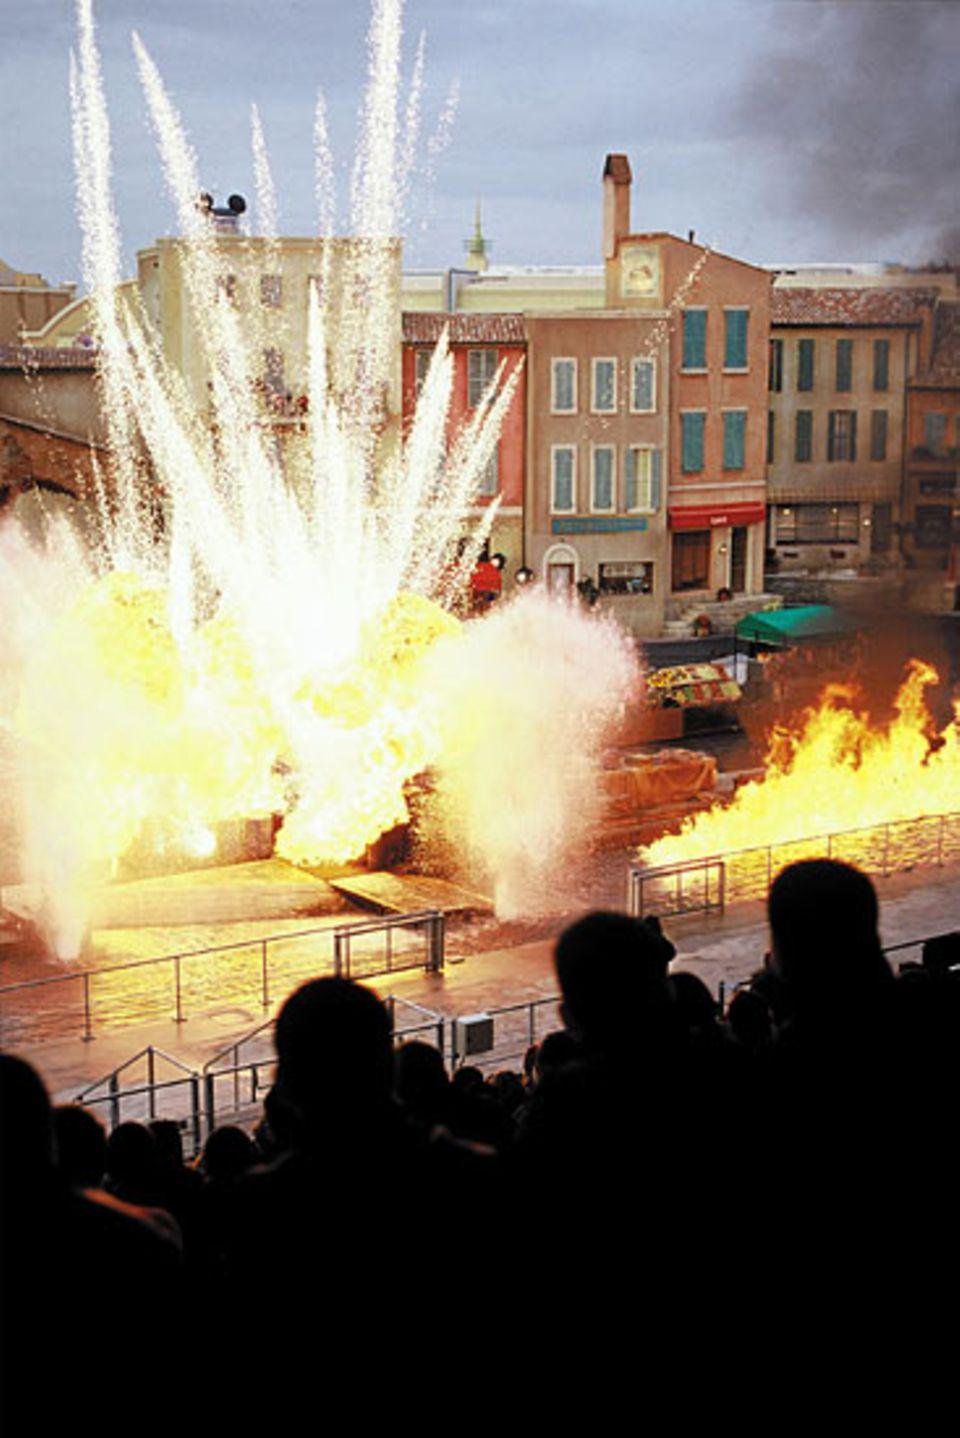 Die Stunt Show findet mehrmals täglich statt